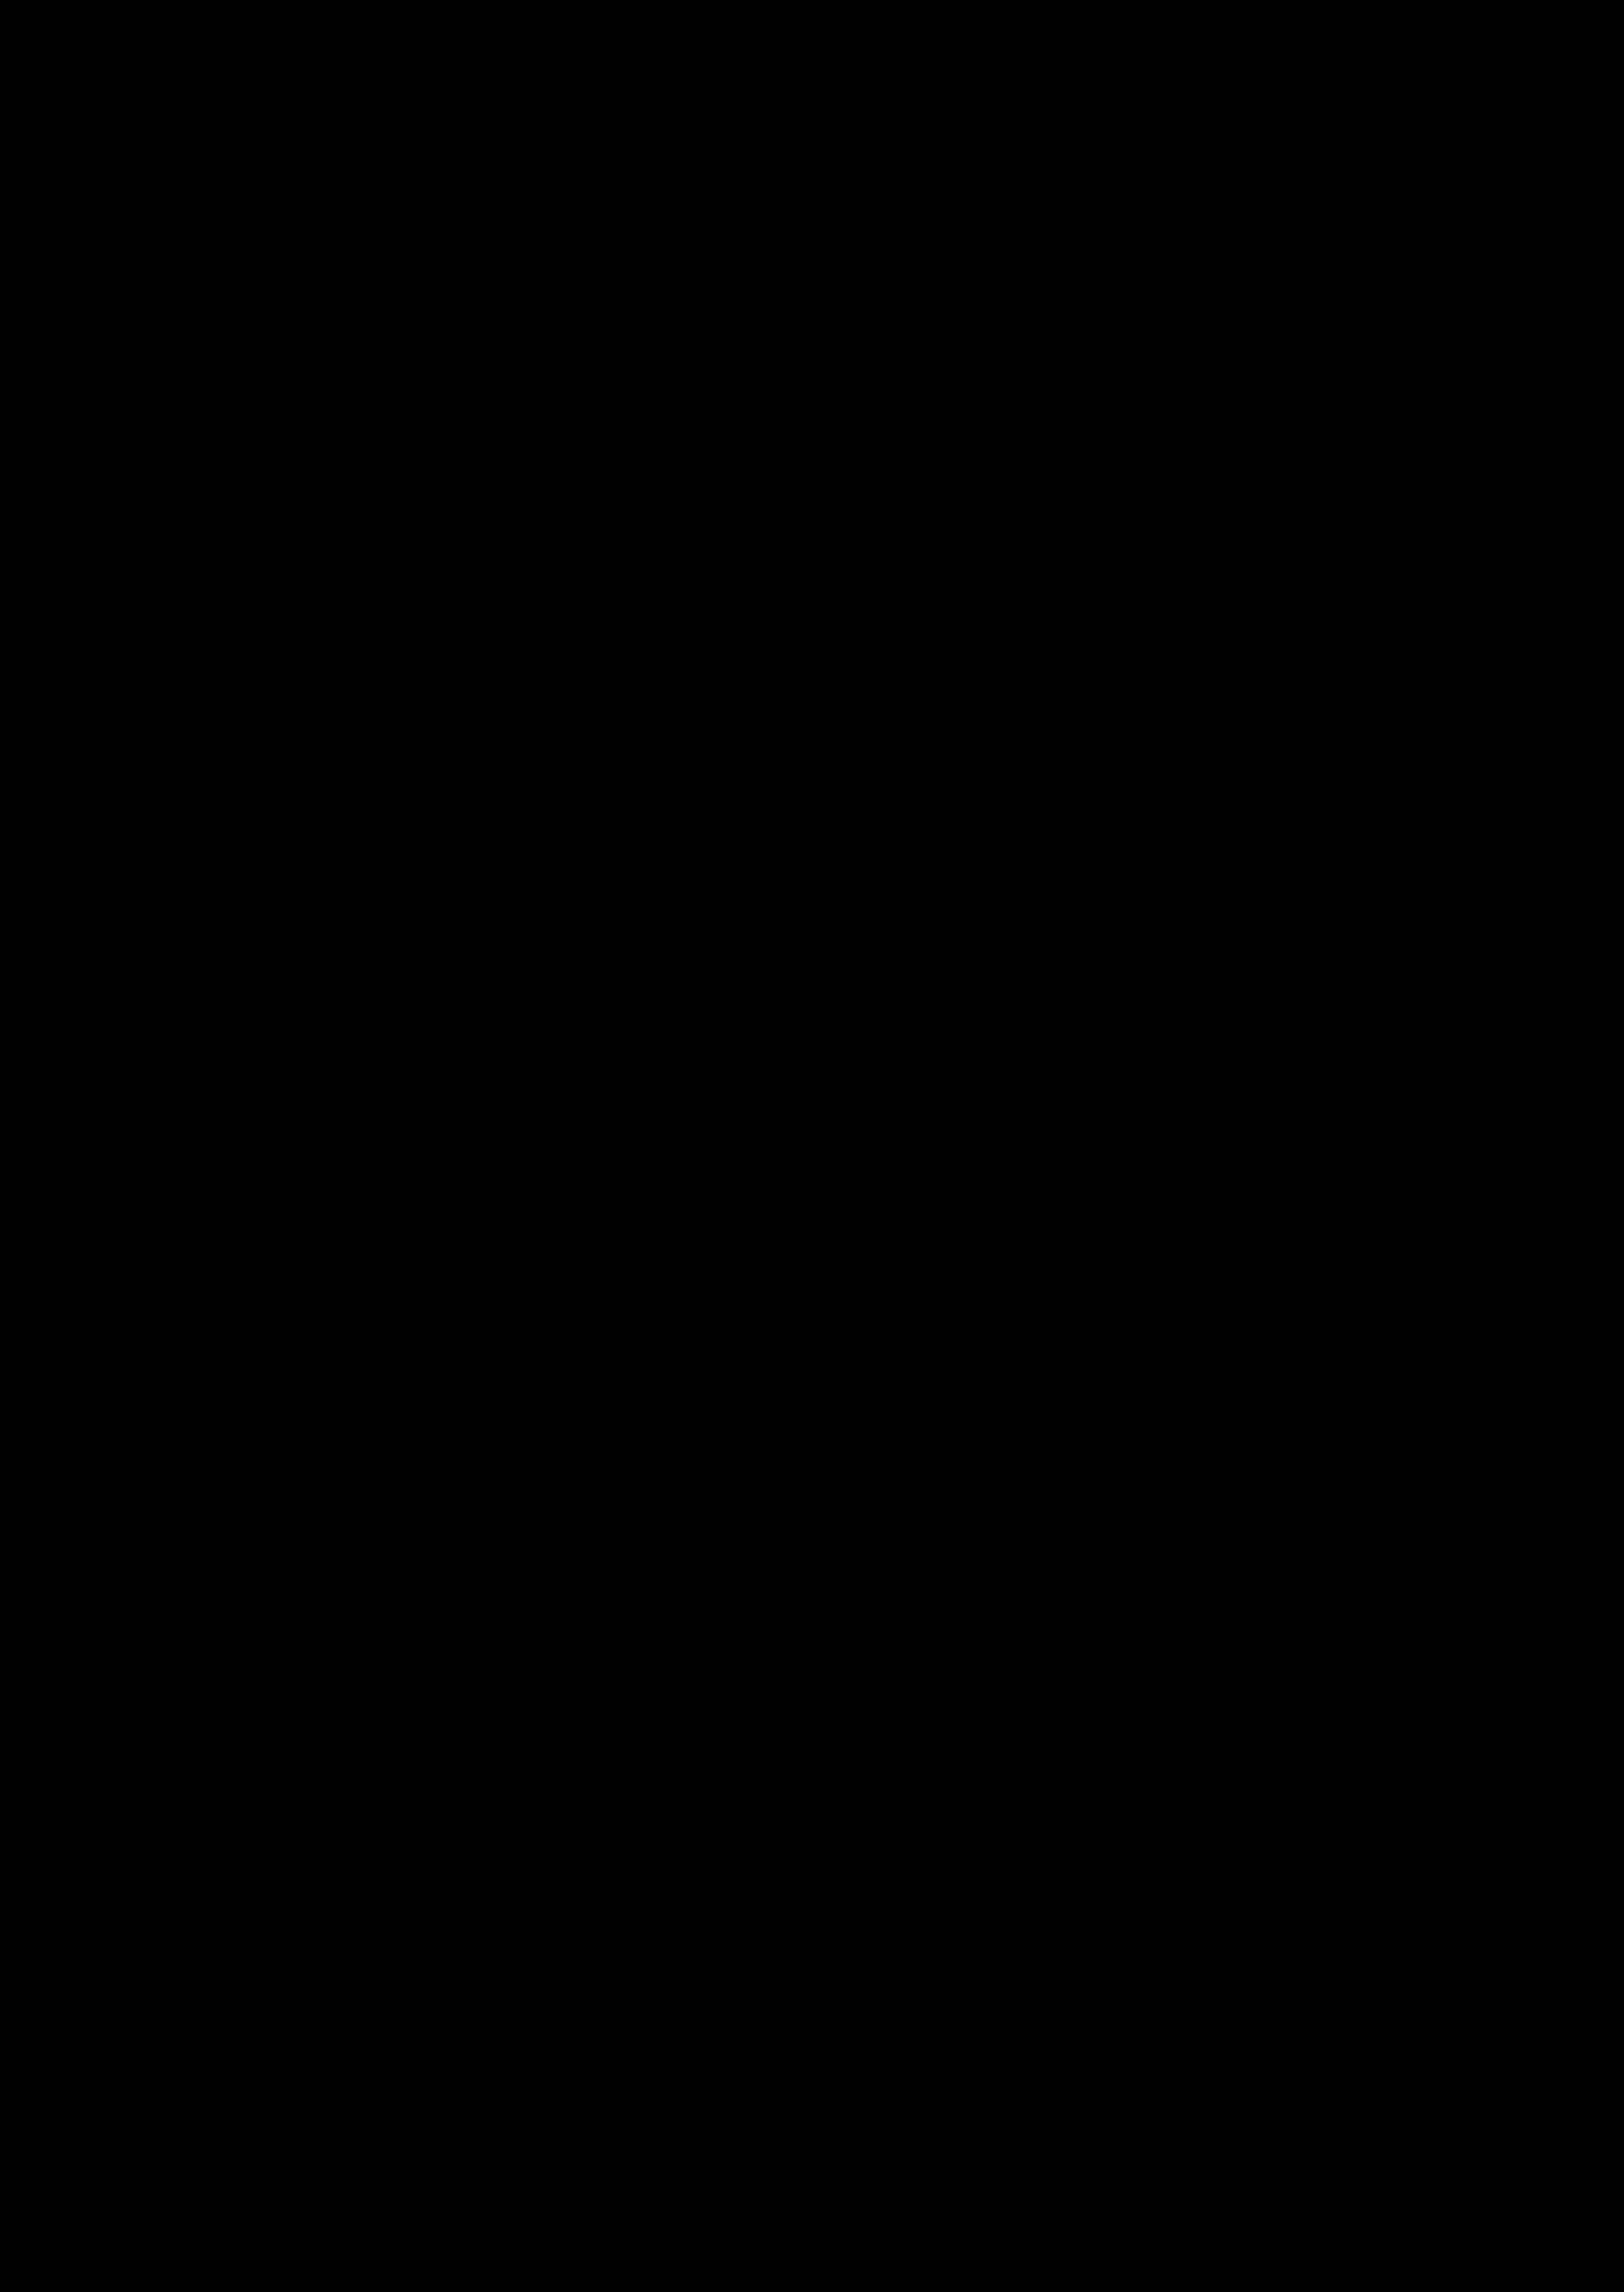 Abrasio et attritio dentium Peter Caselitz